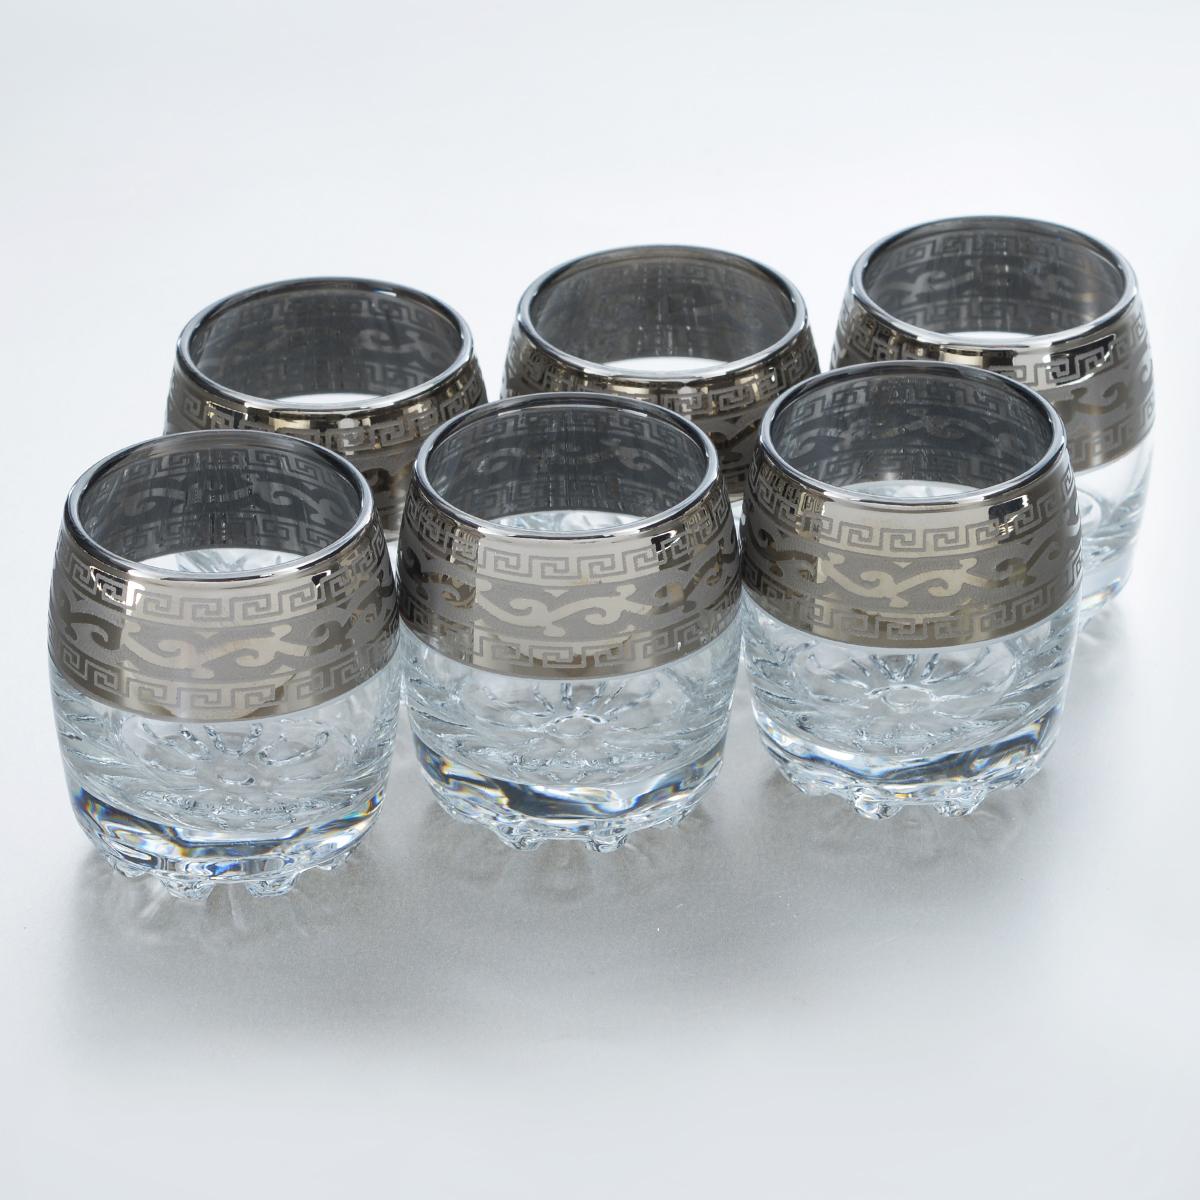 Набор стопок Гусь-Хрустальный Версаче, 60 мл, 6 штVT-1520(SR)Набор Гусь-Хрустальный Версаче состоит из 6 стопок, изготовленных из высококачественного натрий-кальций-силикатного стекла. Изделия оформлены красивым зеркальным покрытием и оригинальным узором. Такой набор прекрасно дополнит праздничный стол и станет желанным подарком в любом доме. Можно мыть в посудомоечной машине. Диаметр стопки (по верхнему краю): 4,5 см. Высота стопки: 6 см.